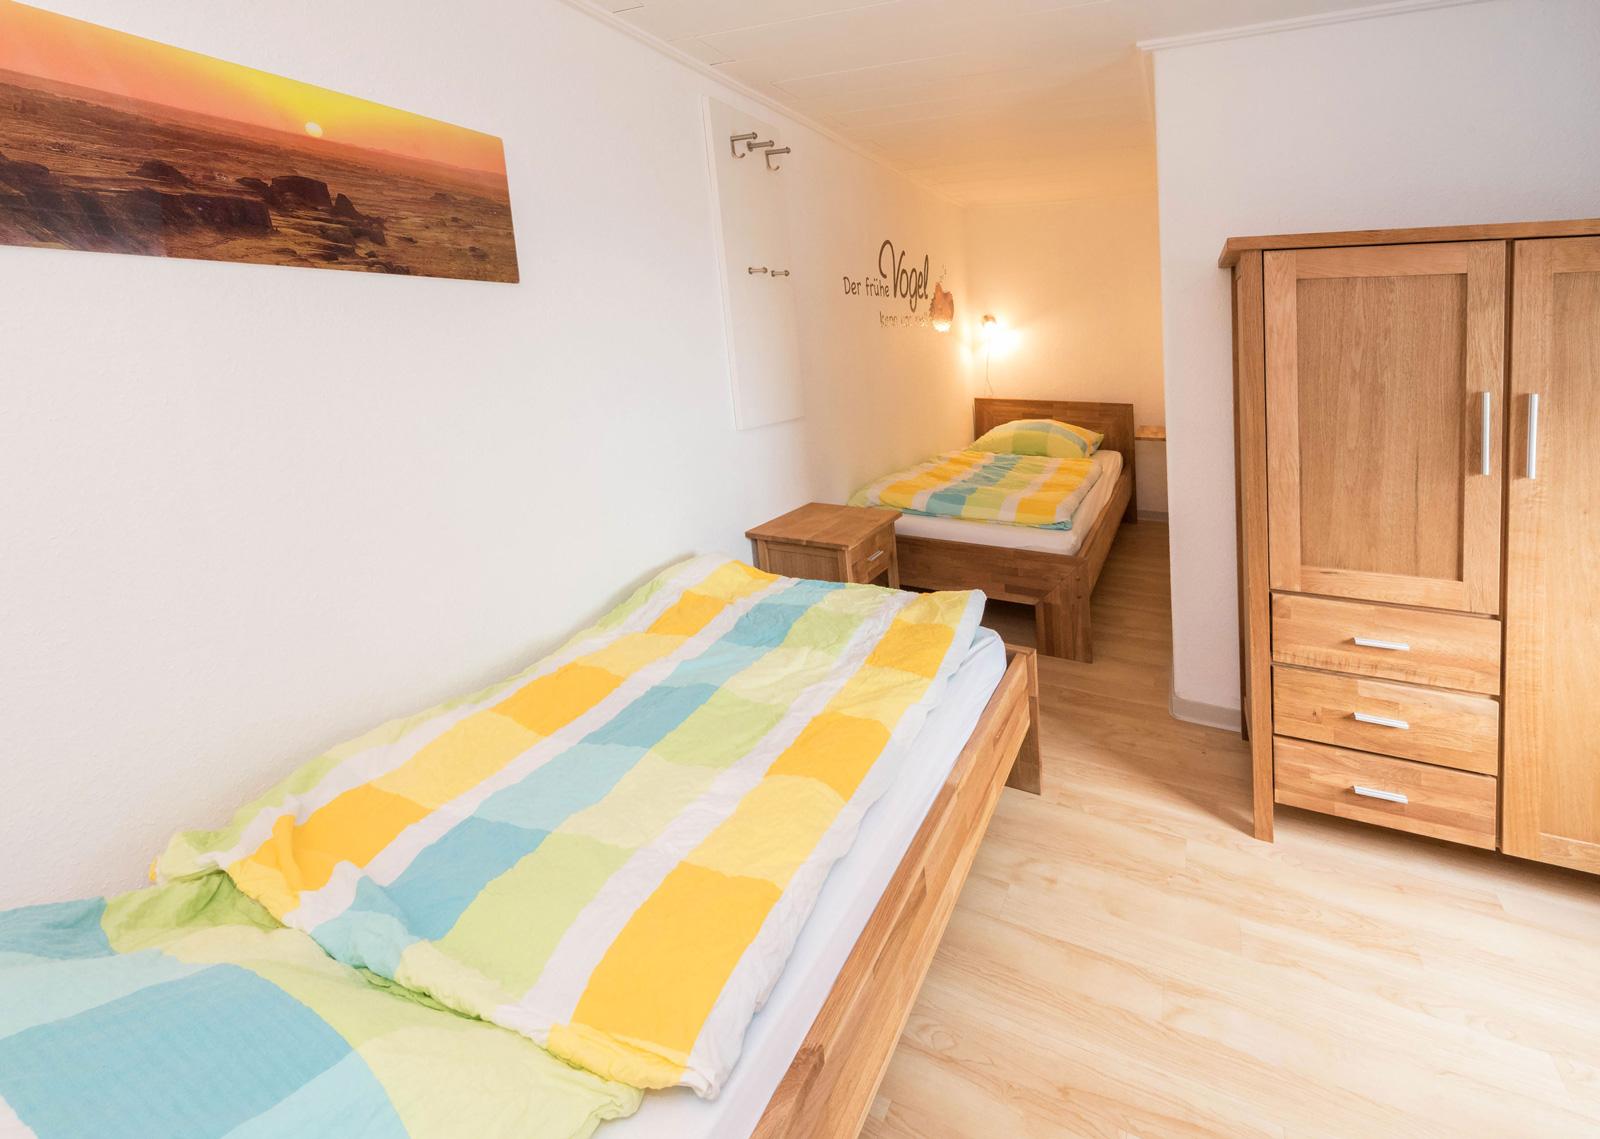 Norderney ferienwohnung 2 schlafzimmer  Ferienwohnung-Norderney-Albatros-Zwergenwohnung-Schlafzimmer-2 ...